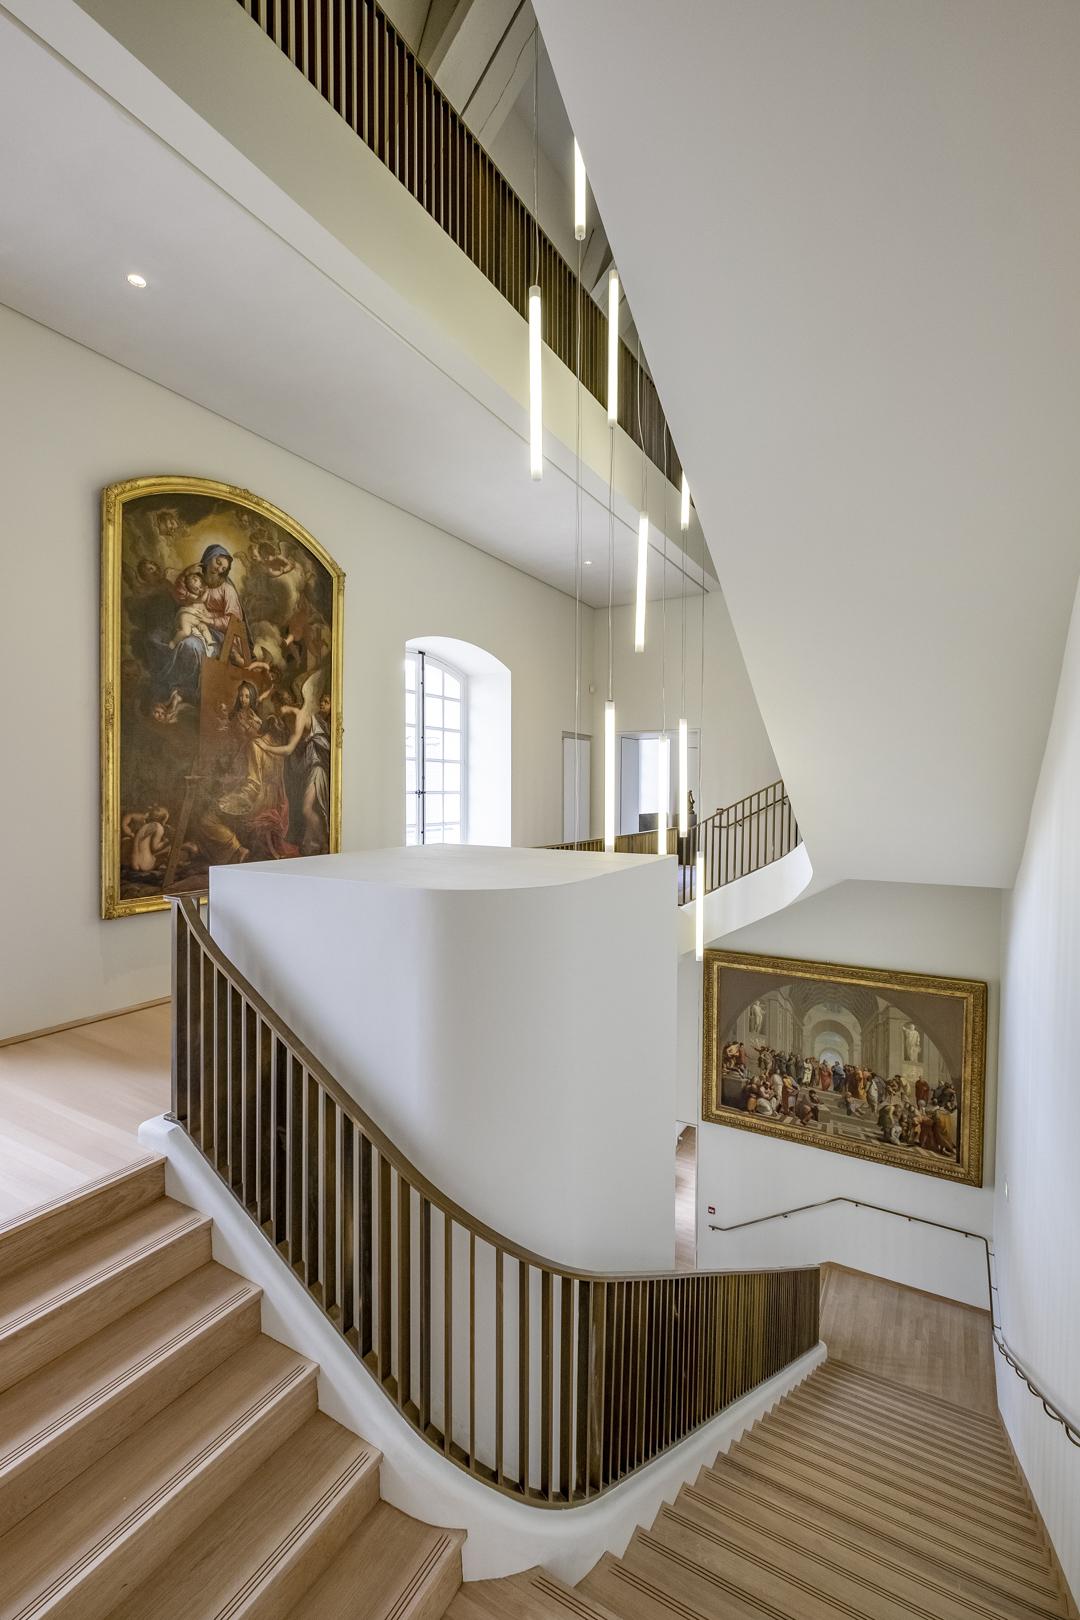 Escalier_MdBA_2019_1 © © musée des Beaux-Arts de Dijon, © Bruce AUFRERE / TiltShift